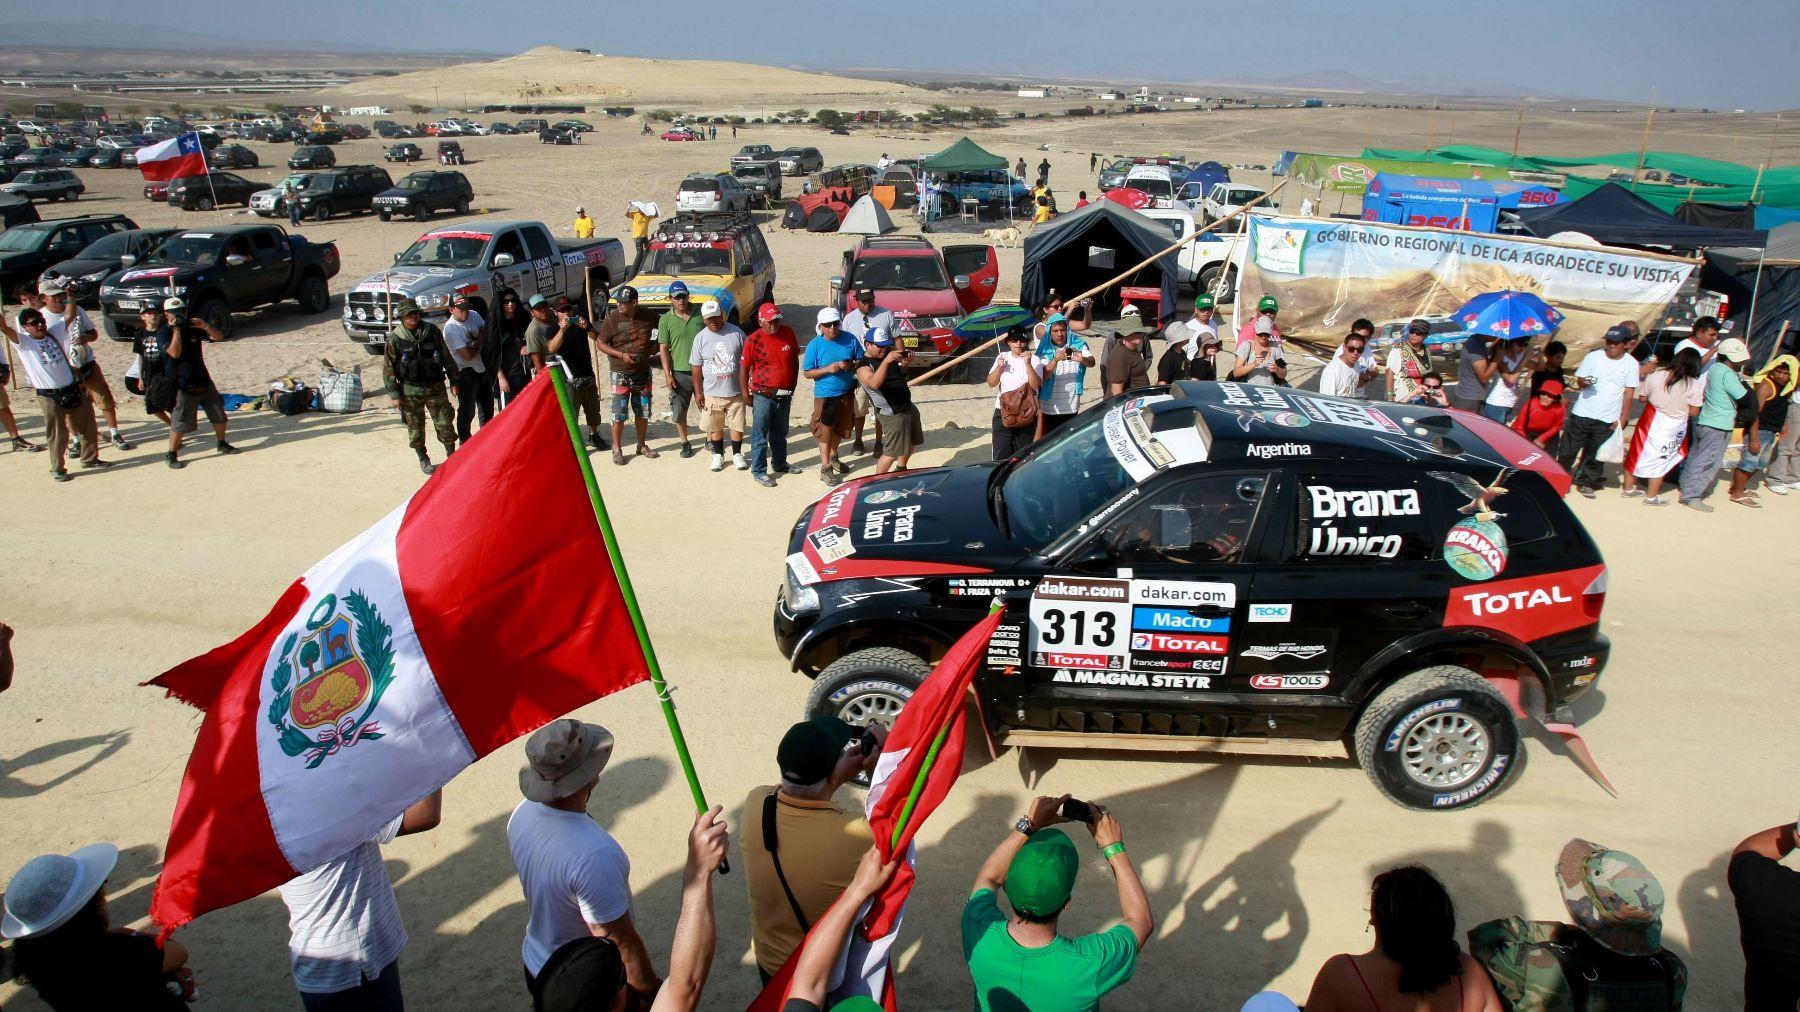 Fiesta de los fierros. Miles de personas se desplazaron a los desiertos del sur para ver el paso de los bólidos que llegaron con el campeonato Dakar.